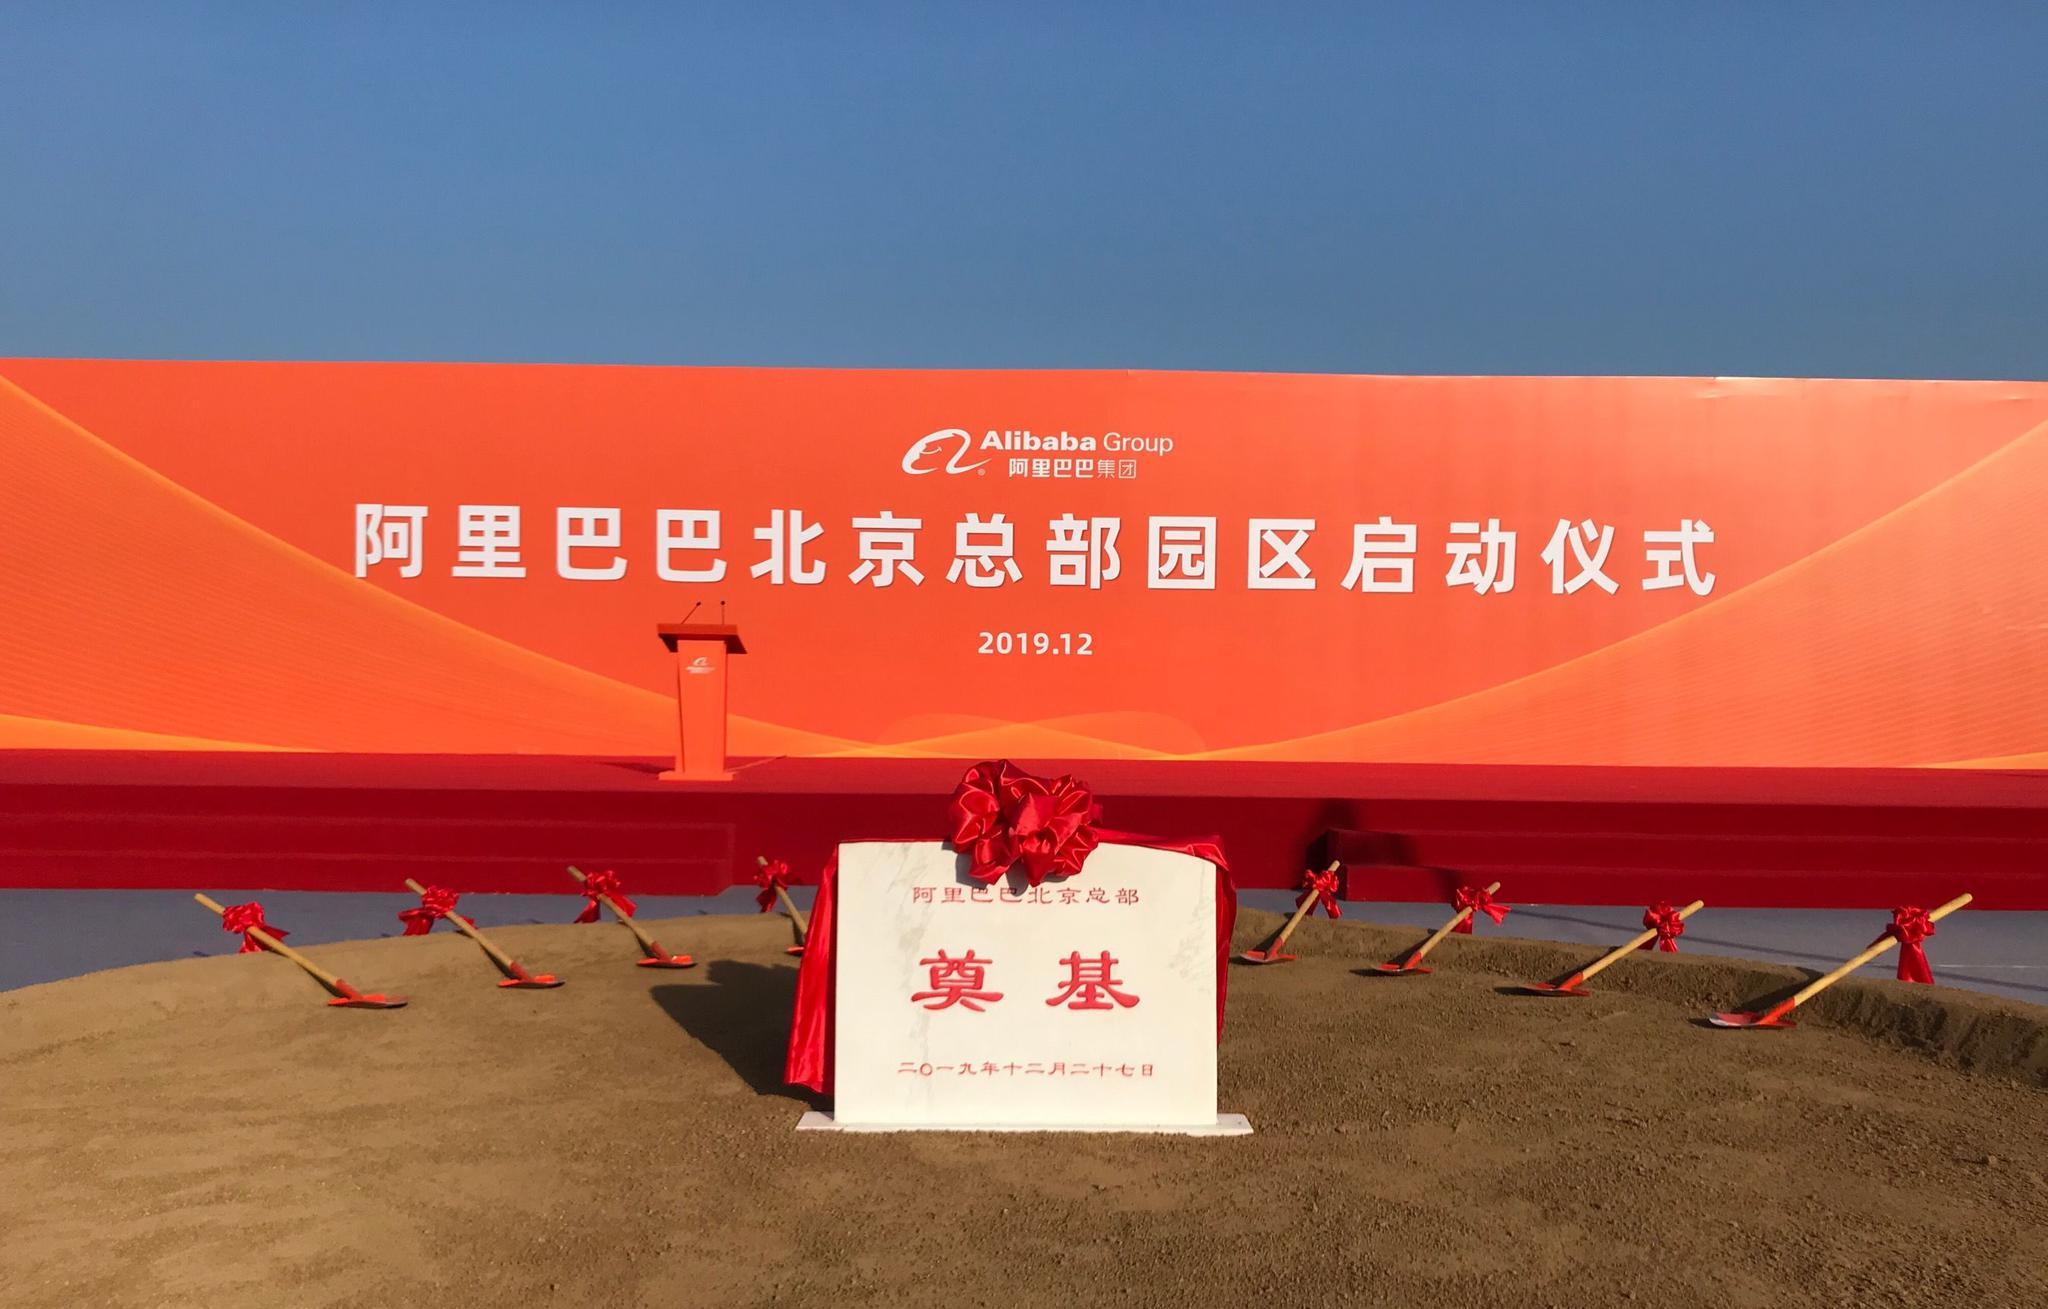 阿里巴巴北京总部园区来了!今日奠基将于2024年建成图片